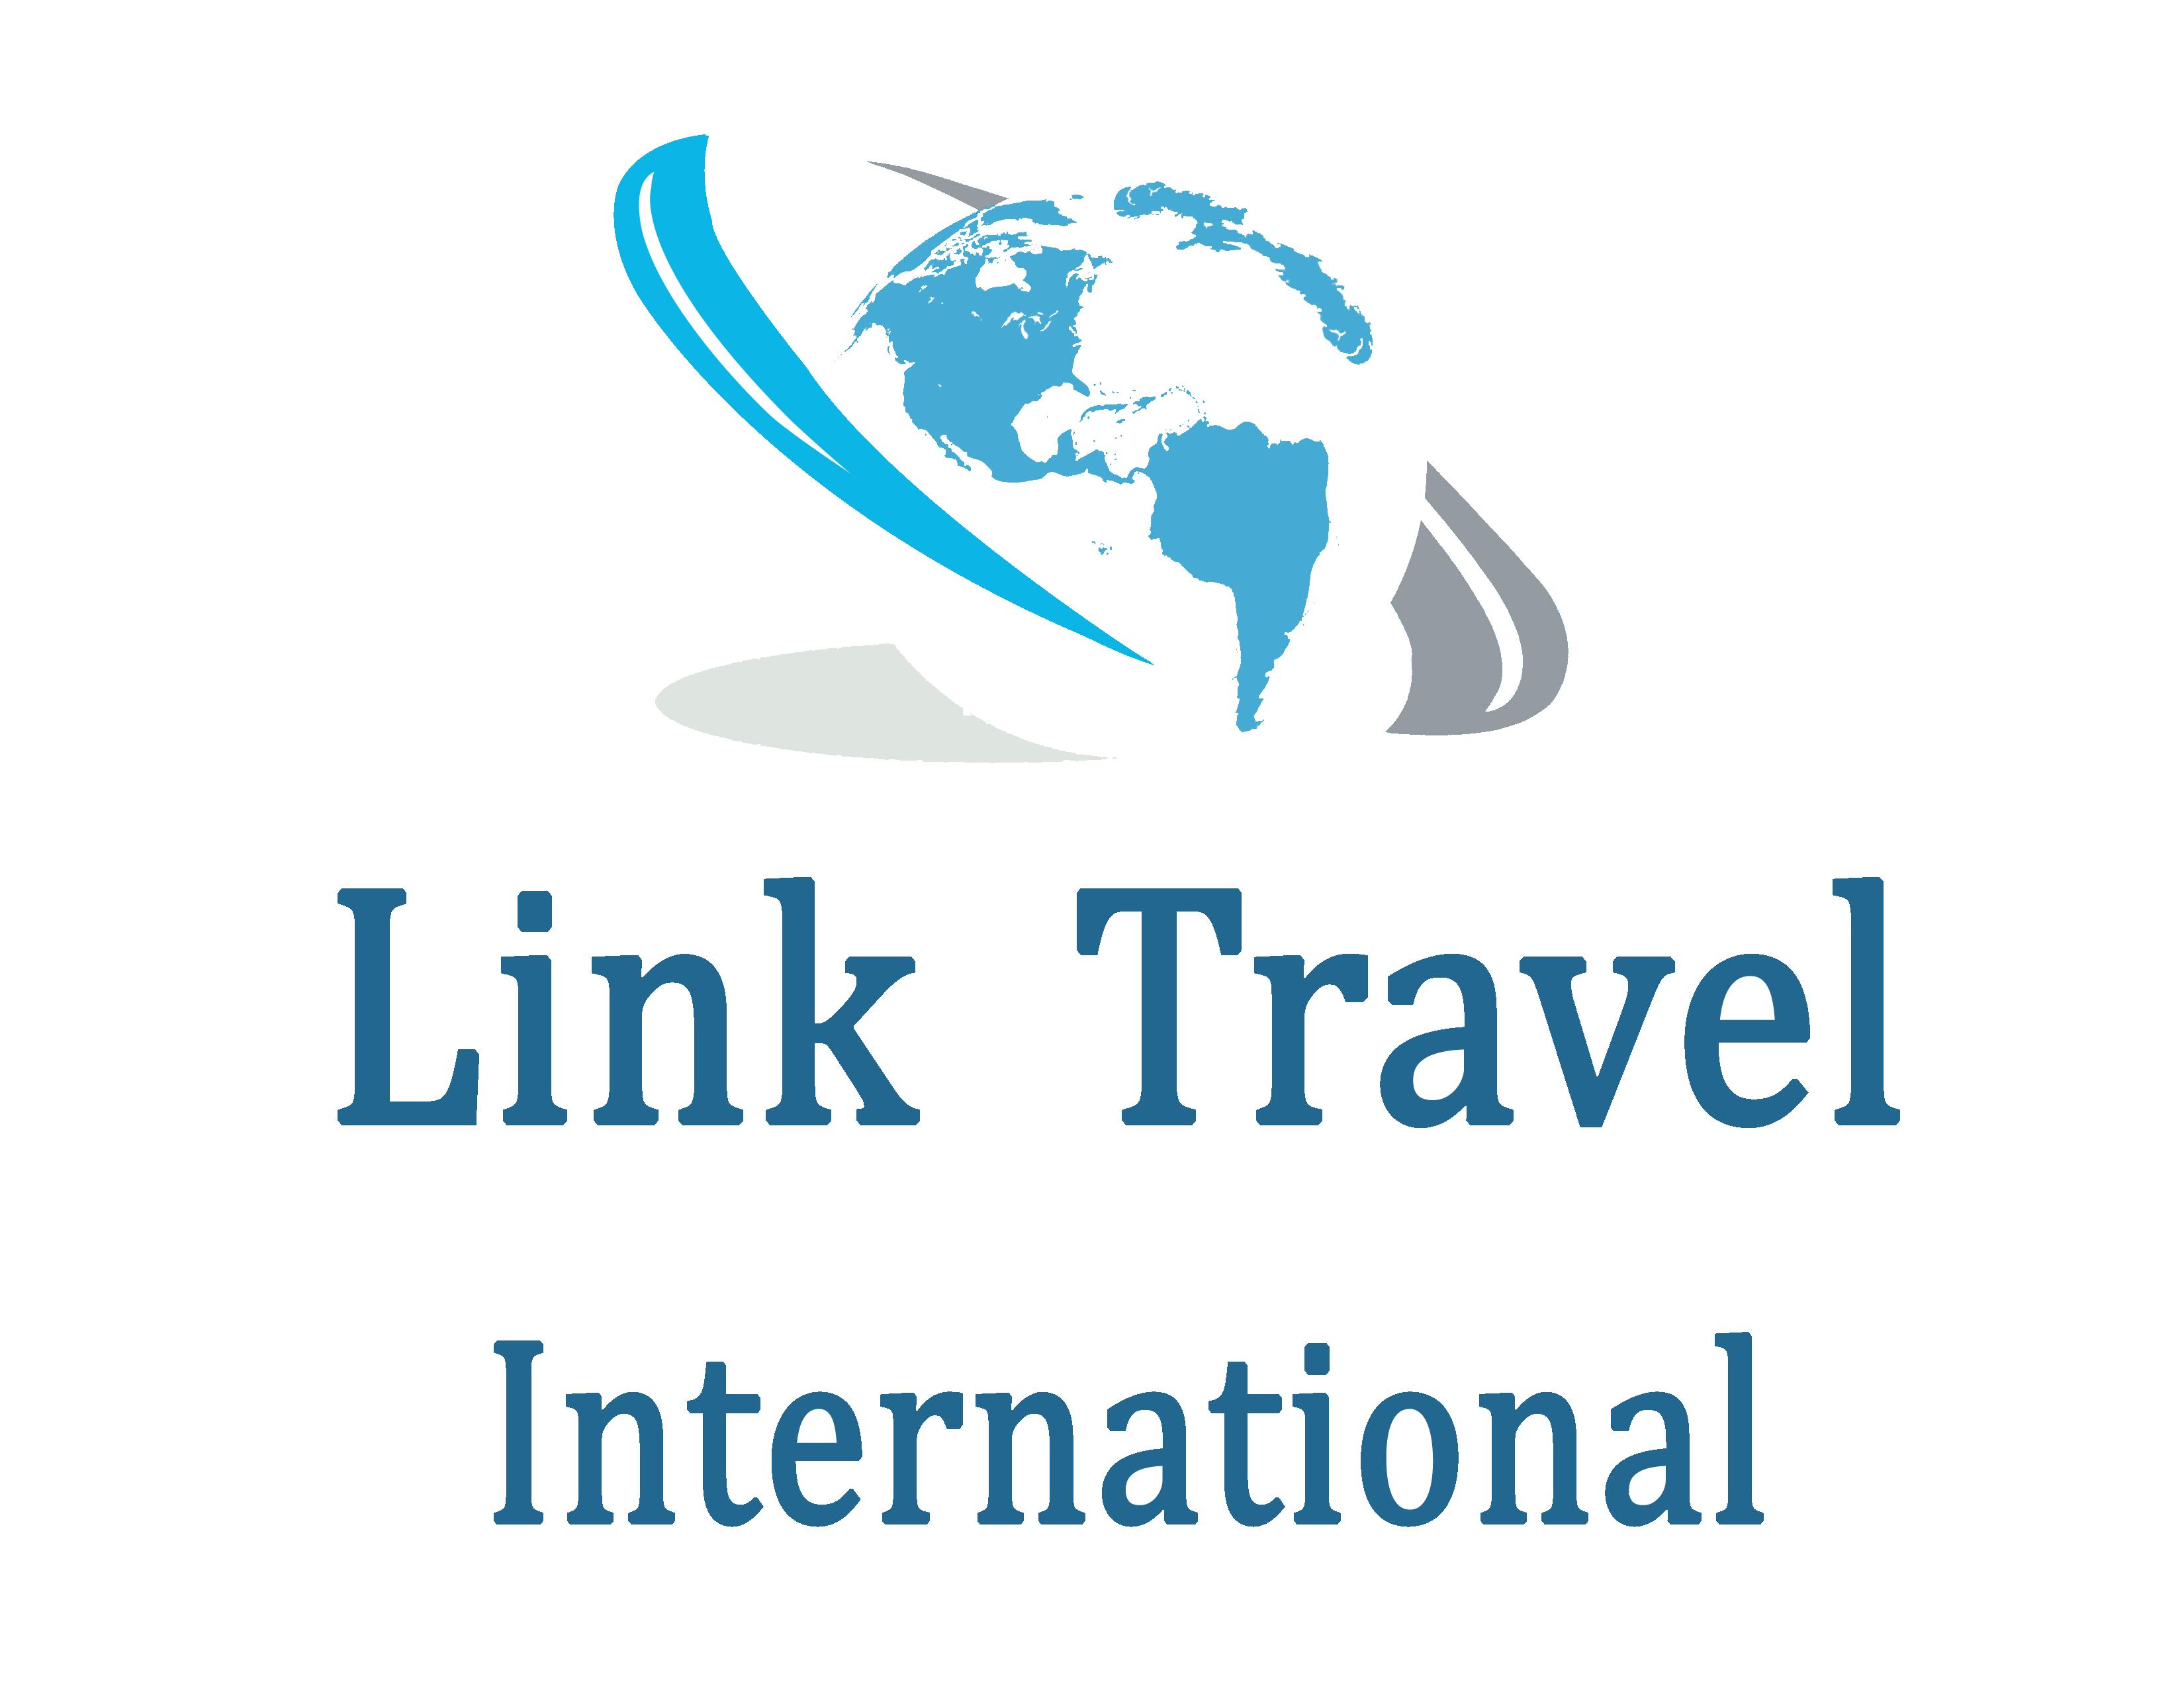 linktravelintl.com